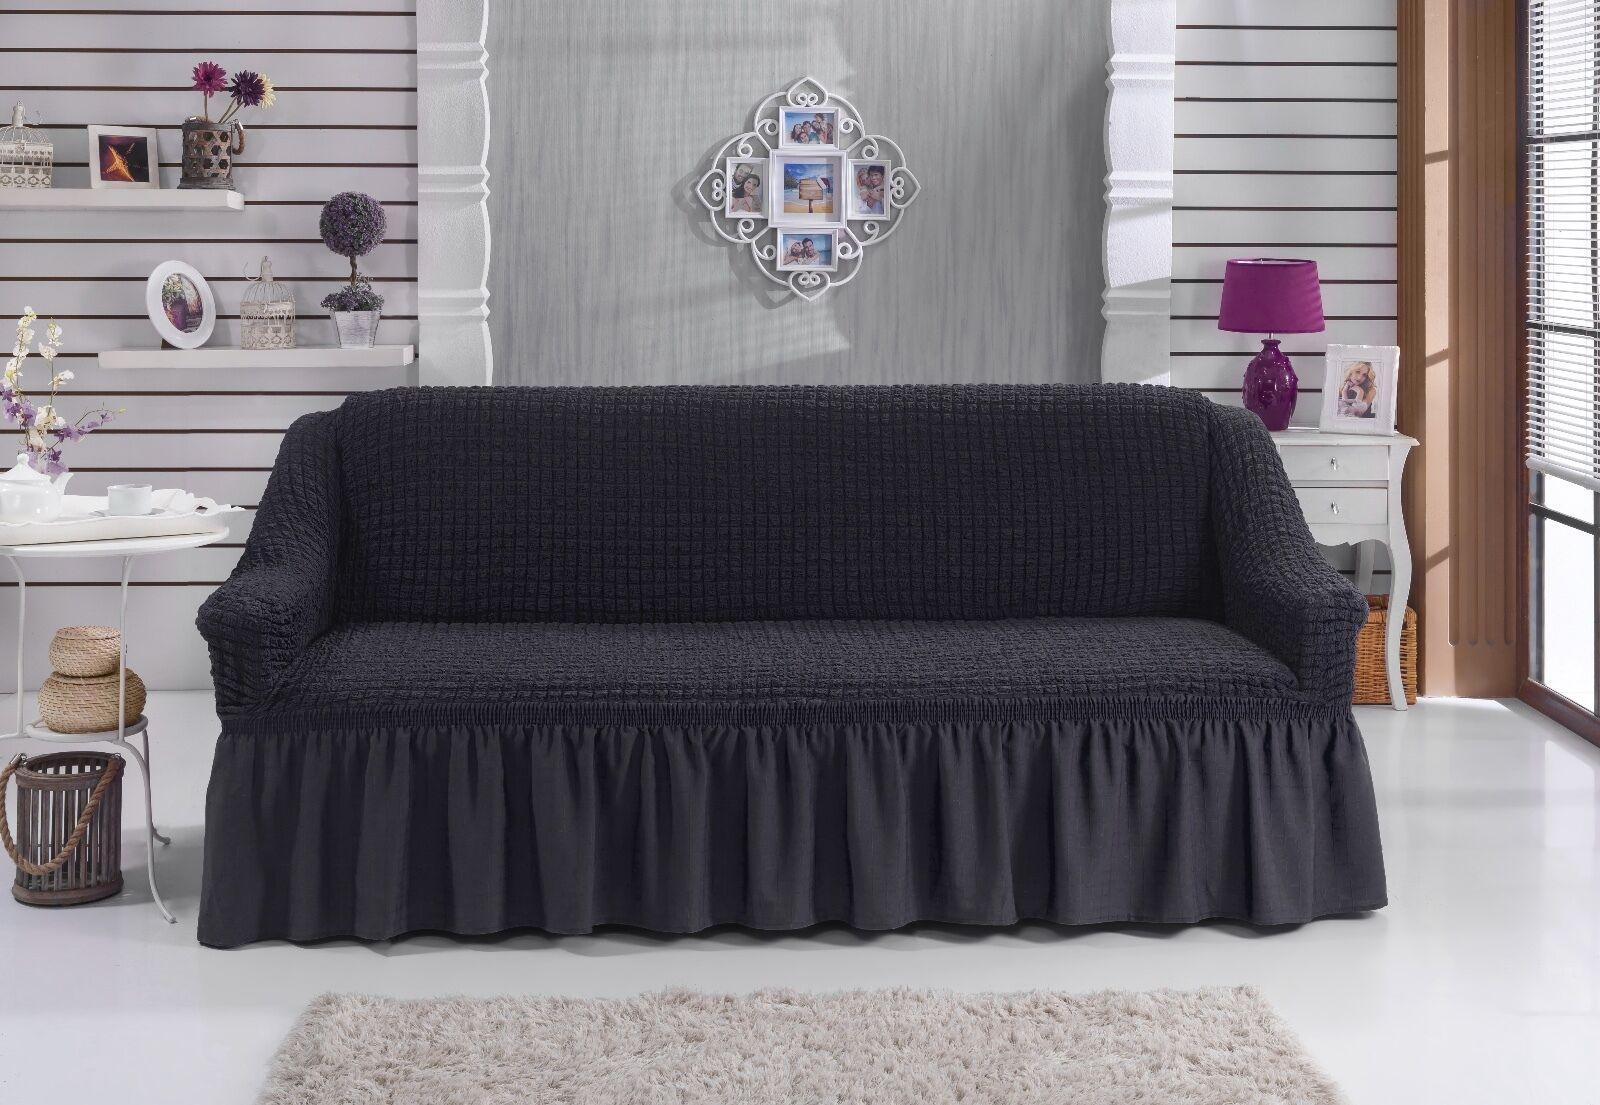 Full Size of Türkische Sofa Rund Garnitur 3 Teilig Relaxfunktion Barock Höffner Big Weiß Grau Mit Boxen Ohne Lehne Schlaffunktion Leder Braun Breit Gelb Ikea Verkaufen Sofa Türkische Sofa